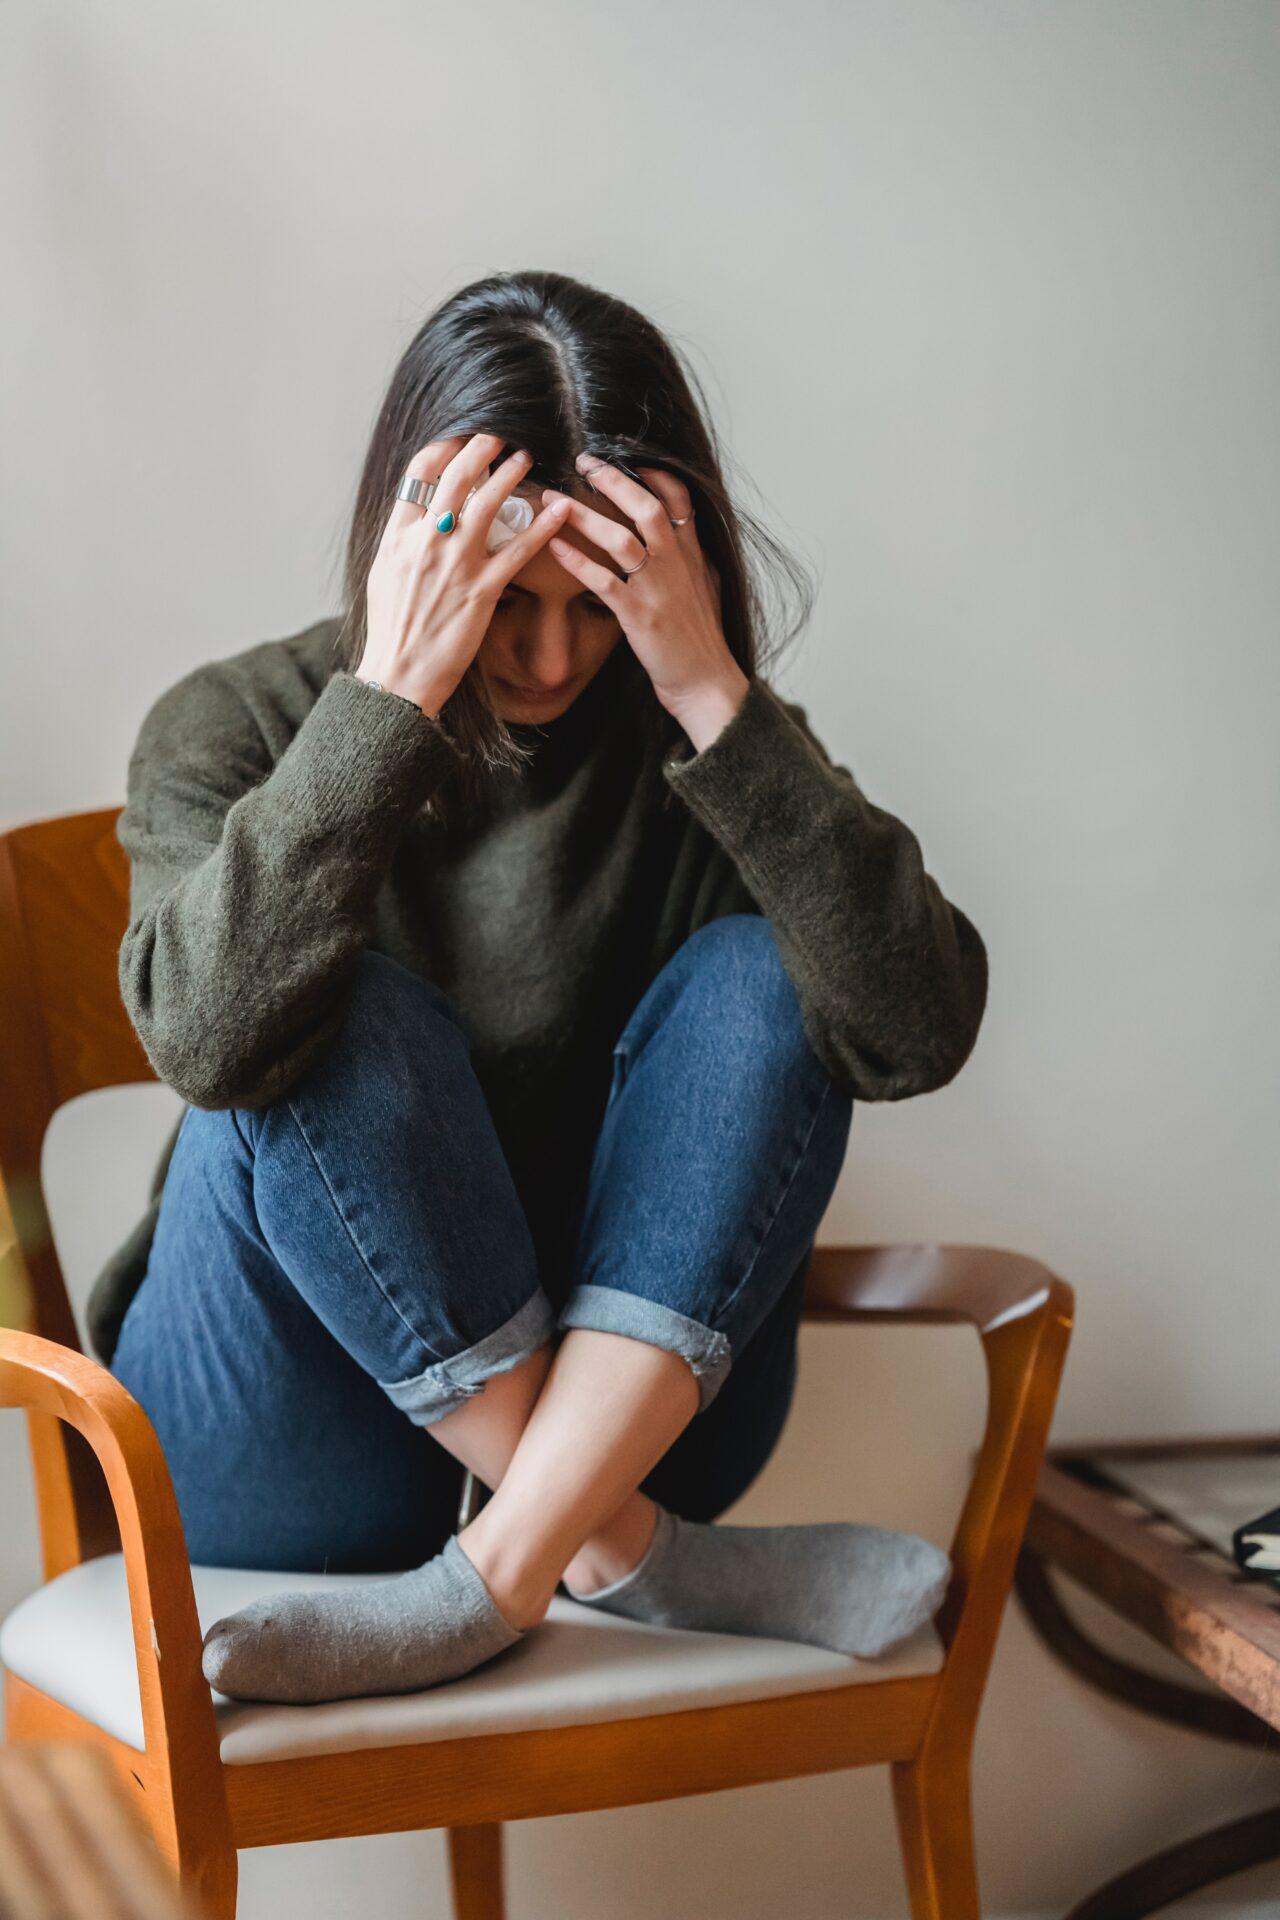 søskende-konflikt-mistrivsel-deprimeret-psykologi-psykiatri-vivihinrichs-århus